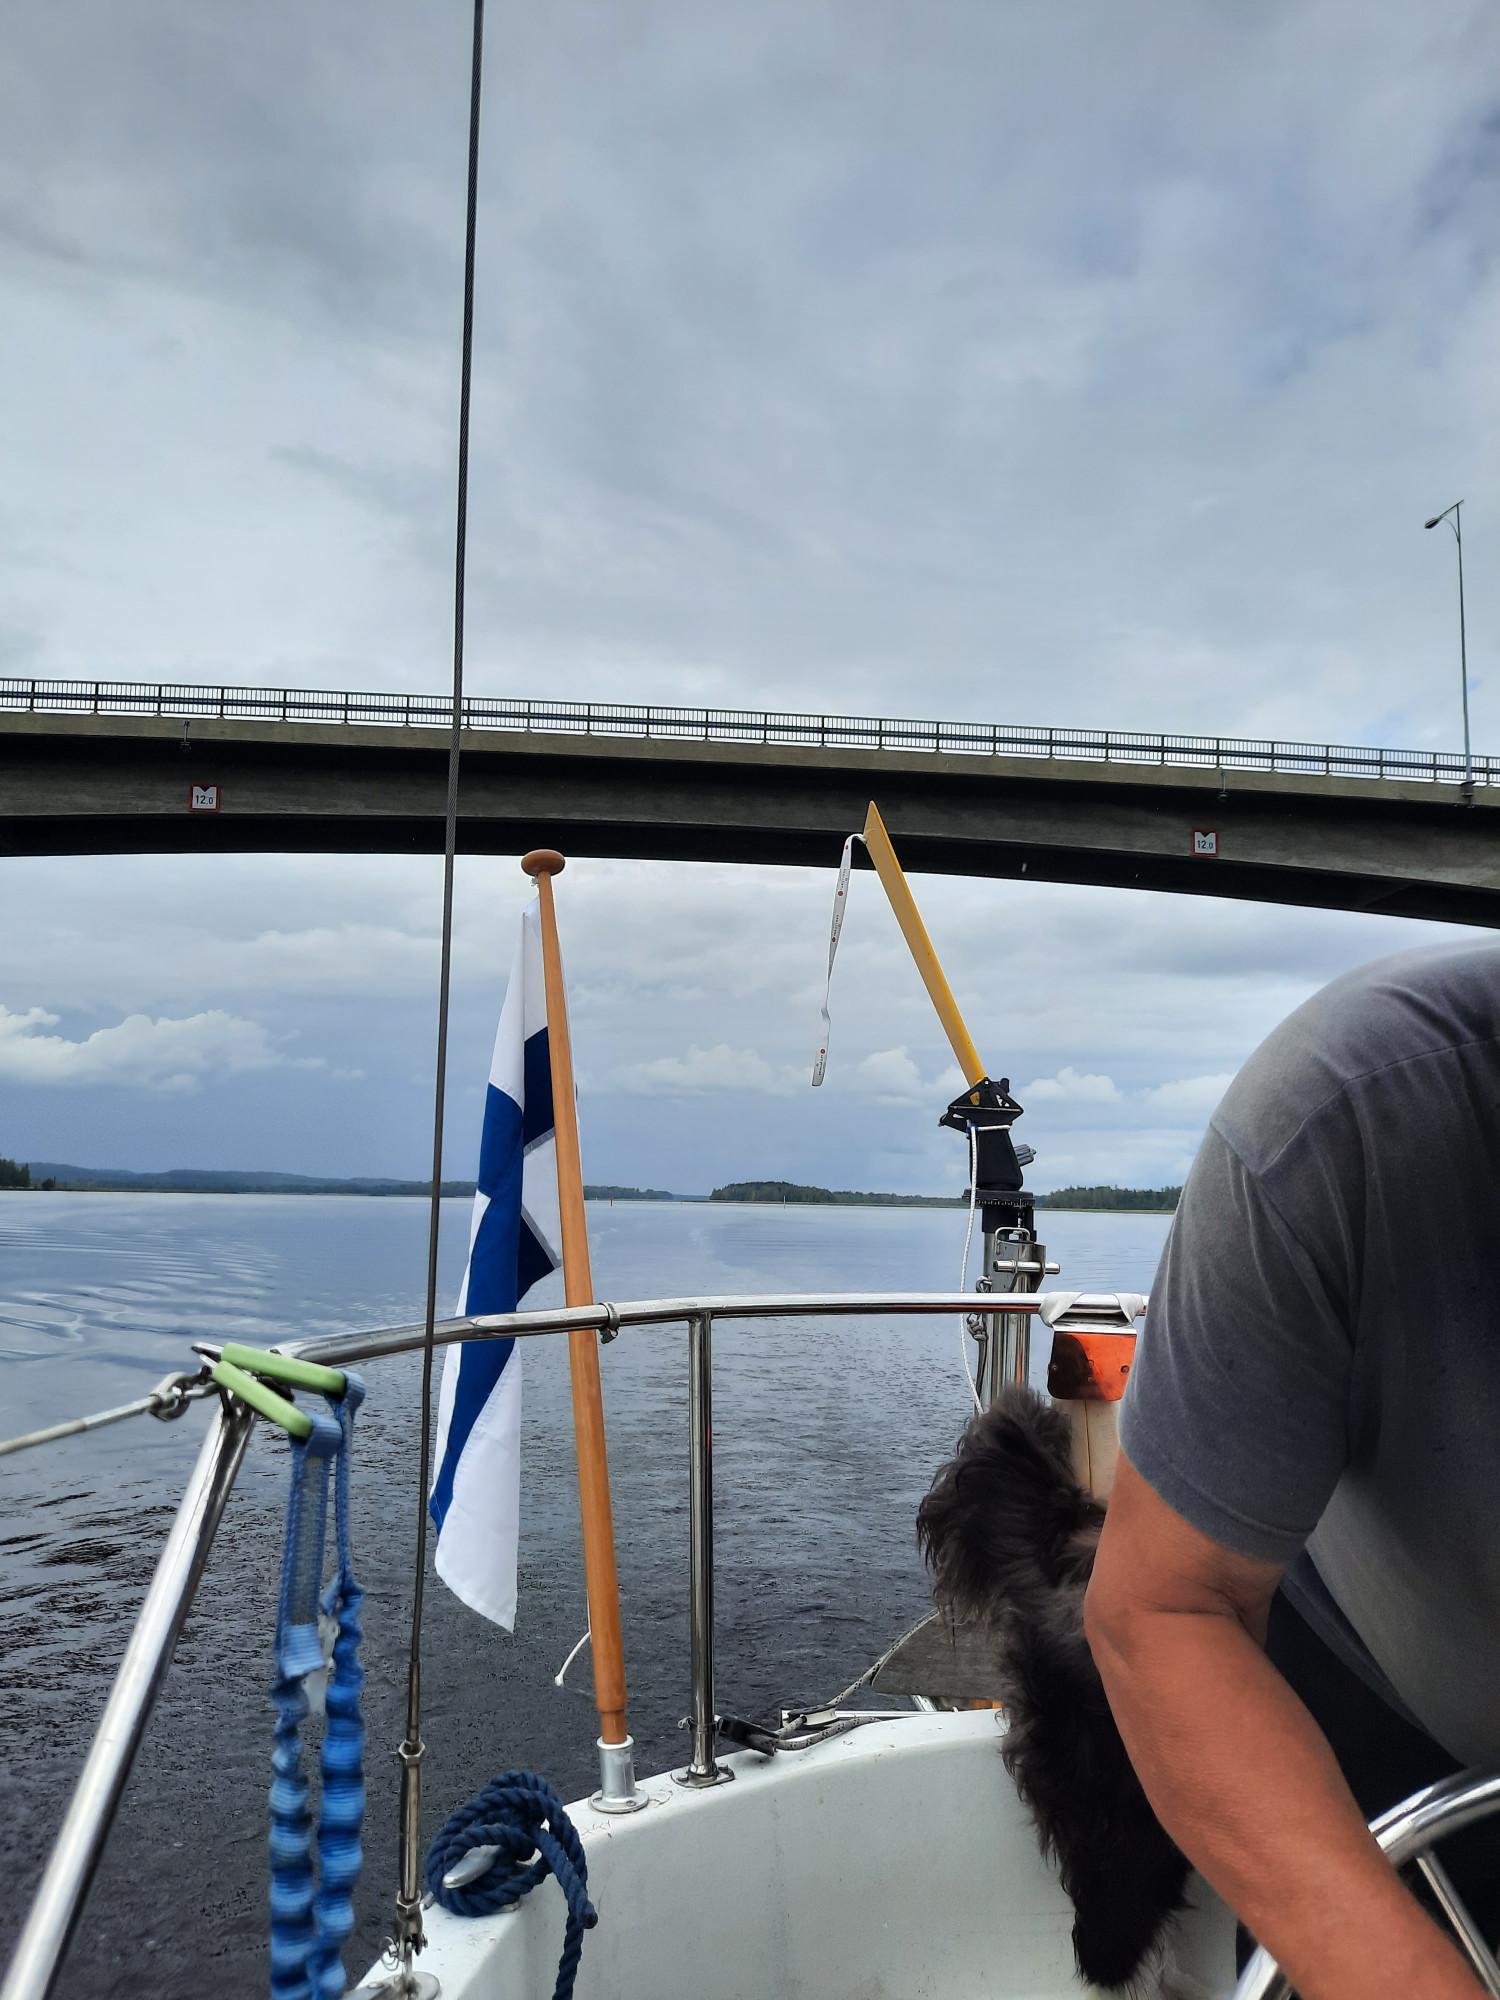 Akkalansaaren silta (Onkivesi). Tie 5646).